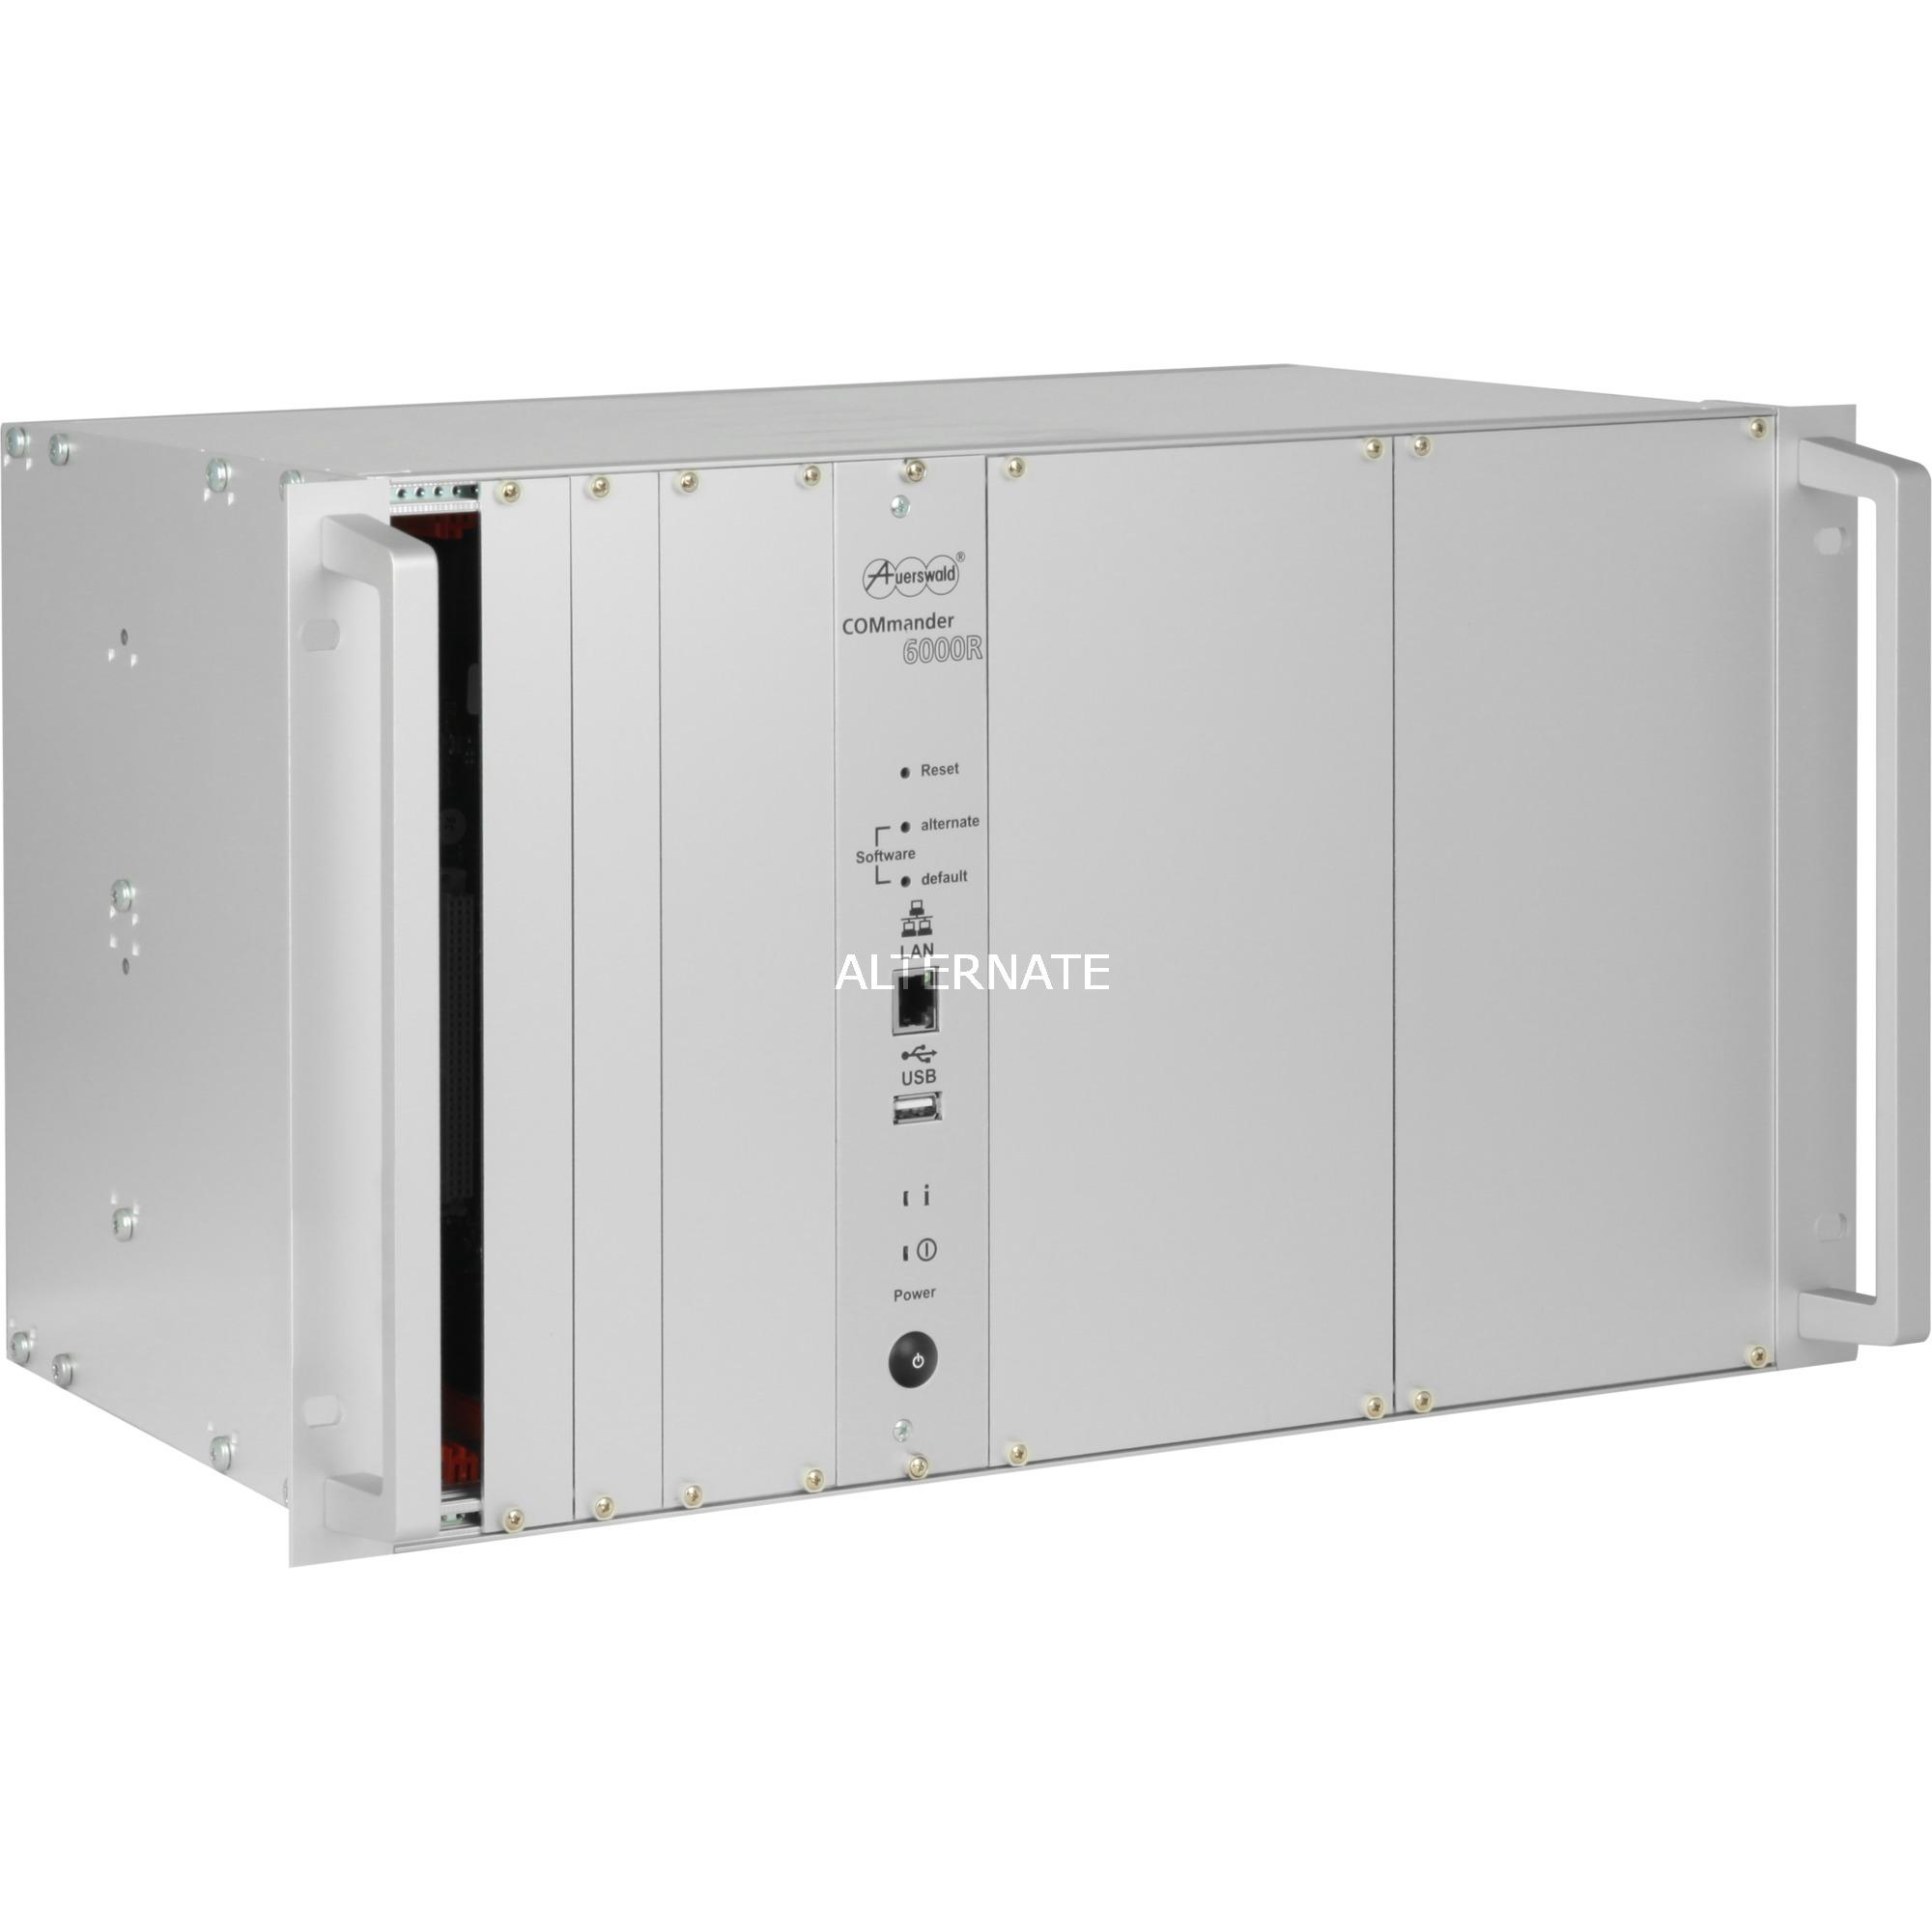 Auerswald COMpact 6000RX 19 TK-Anlage, Telefonanlage